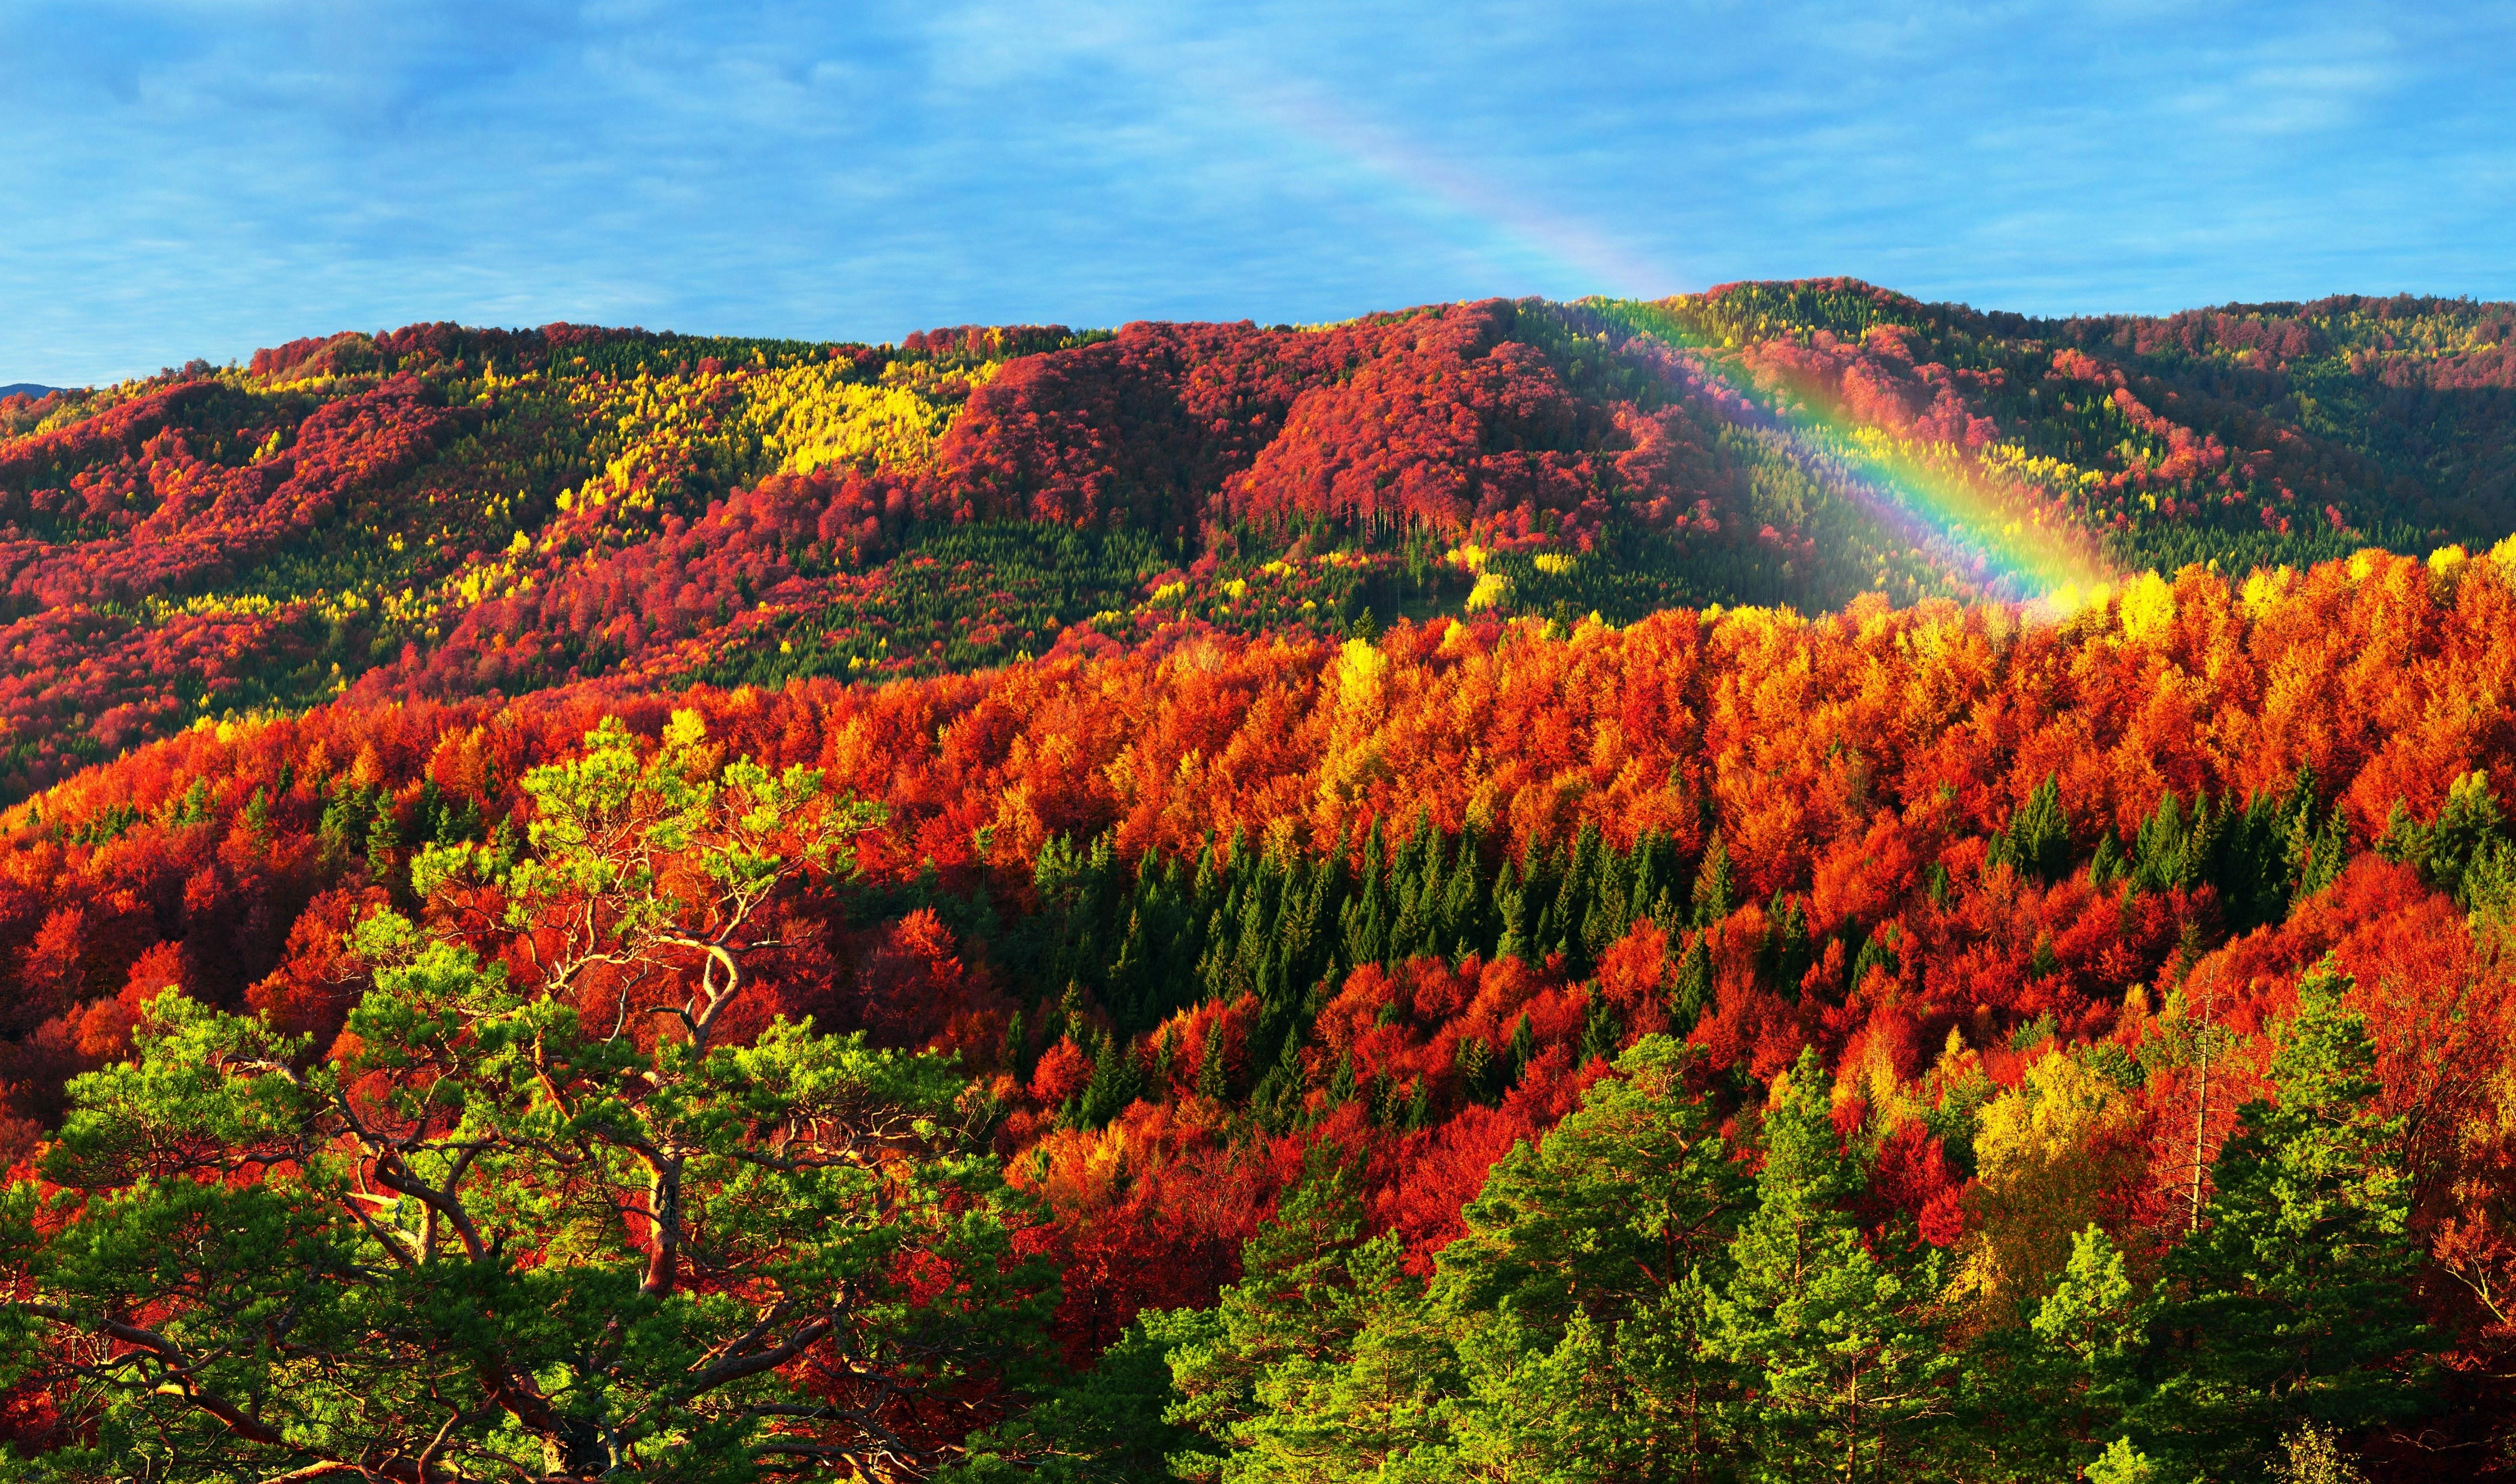 грамотный доктор красота осеннего леса фото правильно